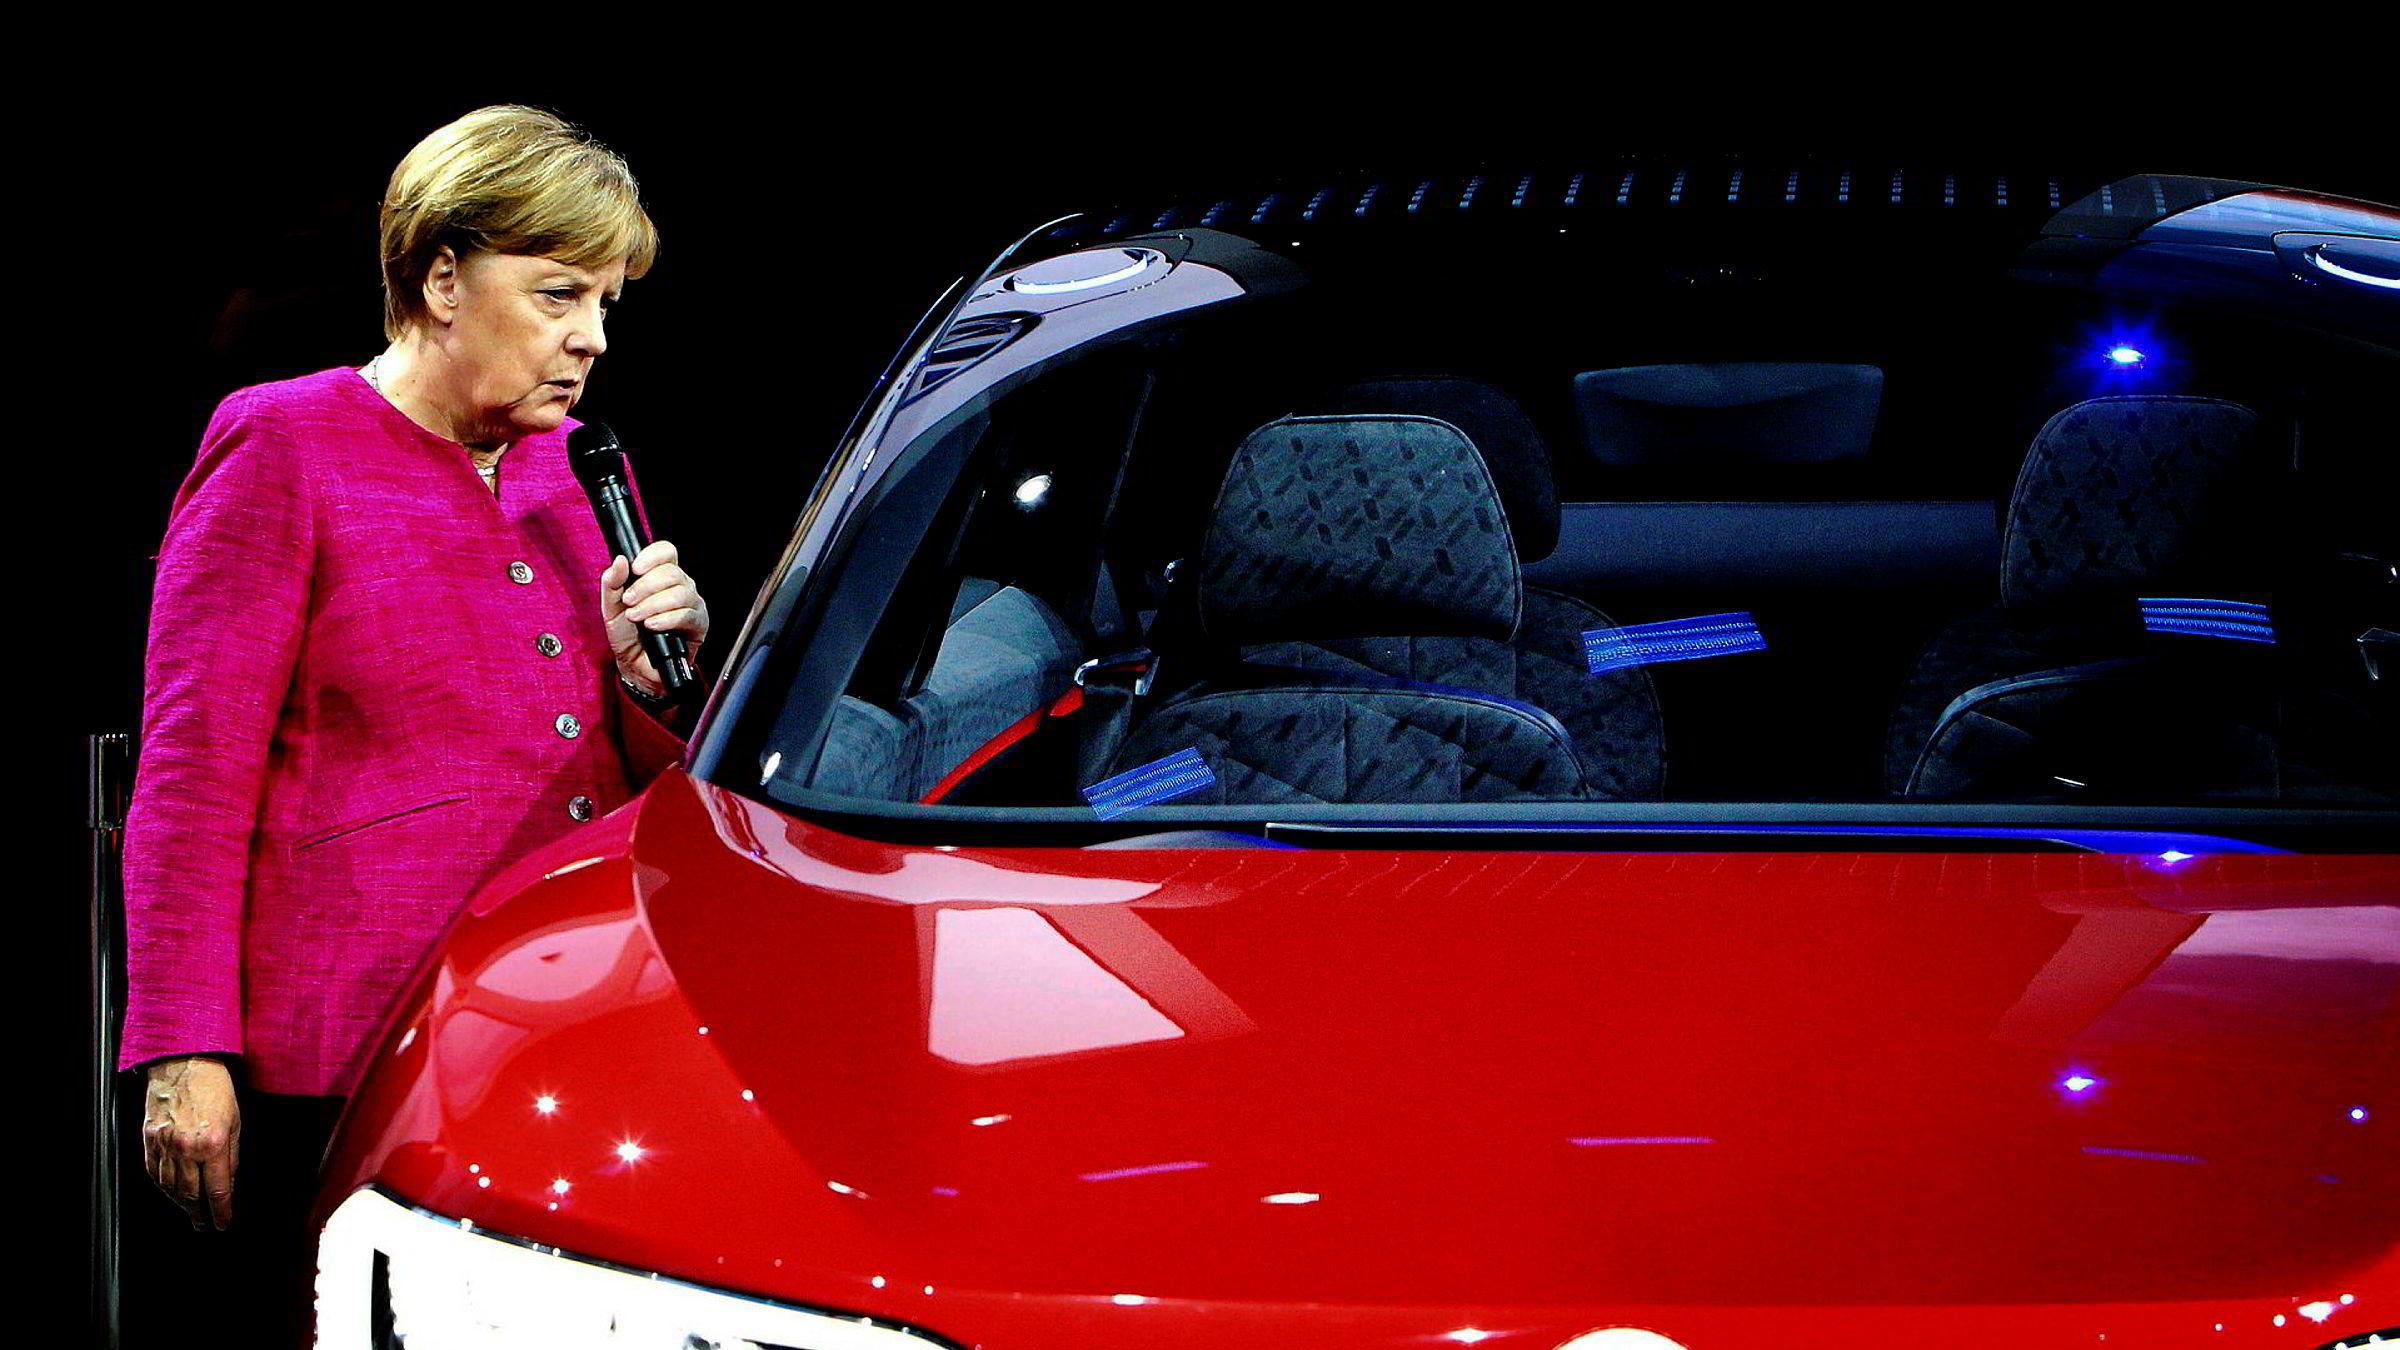 Senest i forrige uke holdt forbundskansler Angela Merkel en innstendig appell til bilindustrien om å rydde skikkelig opp før det blir gjort varig skade for landets viktigste eksportindustri.